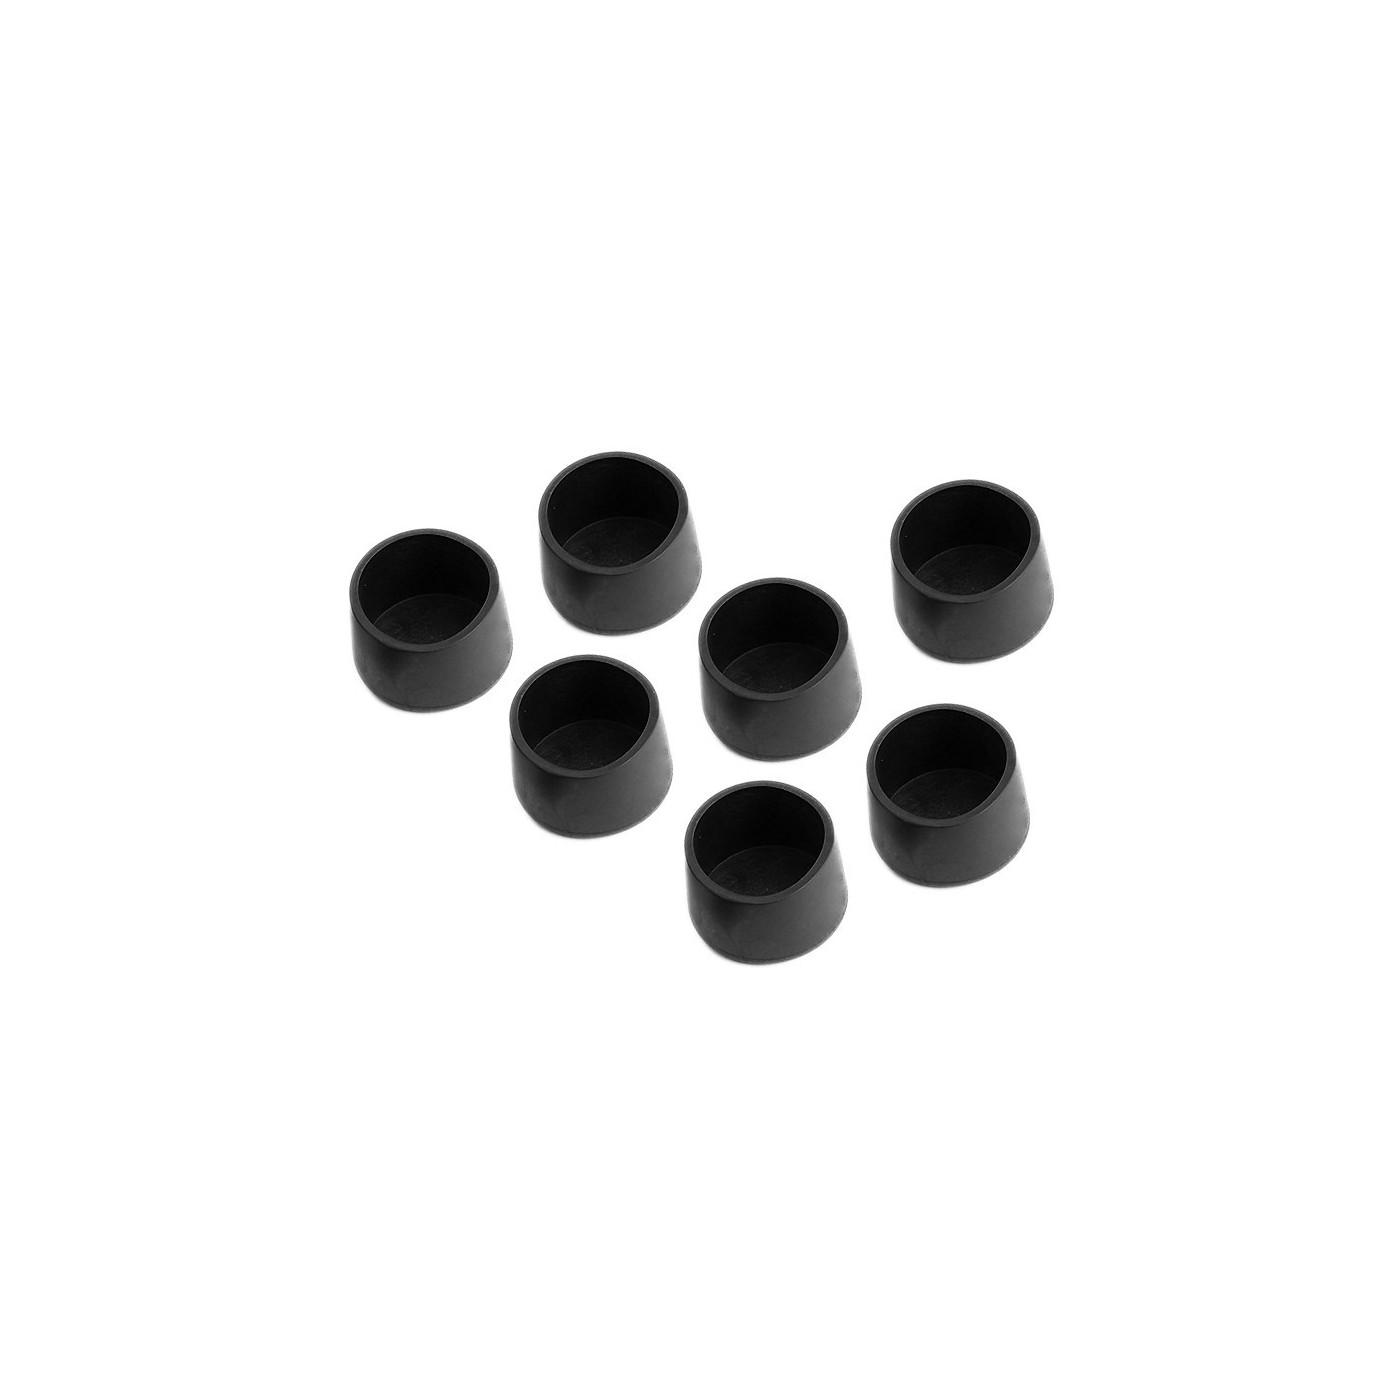 Set van 32 flexibele stoelpootdoppen (omdop, rond, 38 mm, zwart) [O-RO-38-B]  - 1